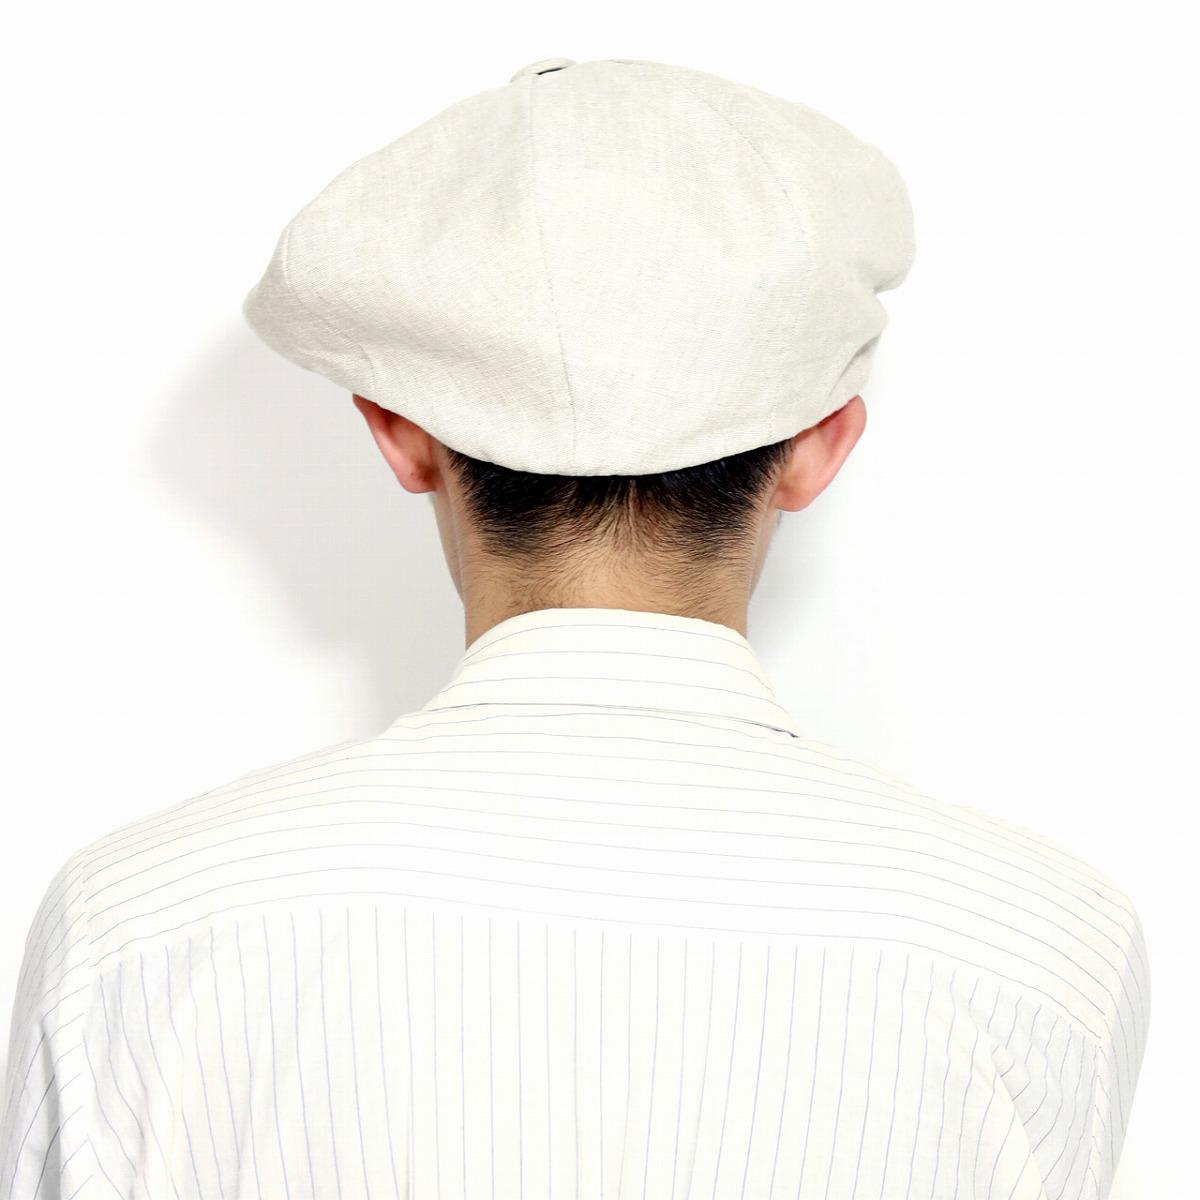 ニューヨークハット 帽子 春夏 メンズ ハンチング つば長 麻100生成り ビッグシルエット NEW YORK HAT 8方ハンチング ニュースボーイ Linen Big Apple レディース 無地 シンプル アメリカ製 フリーサイズベージュ オートミールnewsboy capivy capBoeWErdQCx